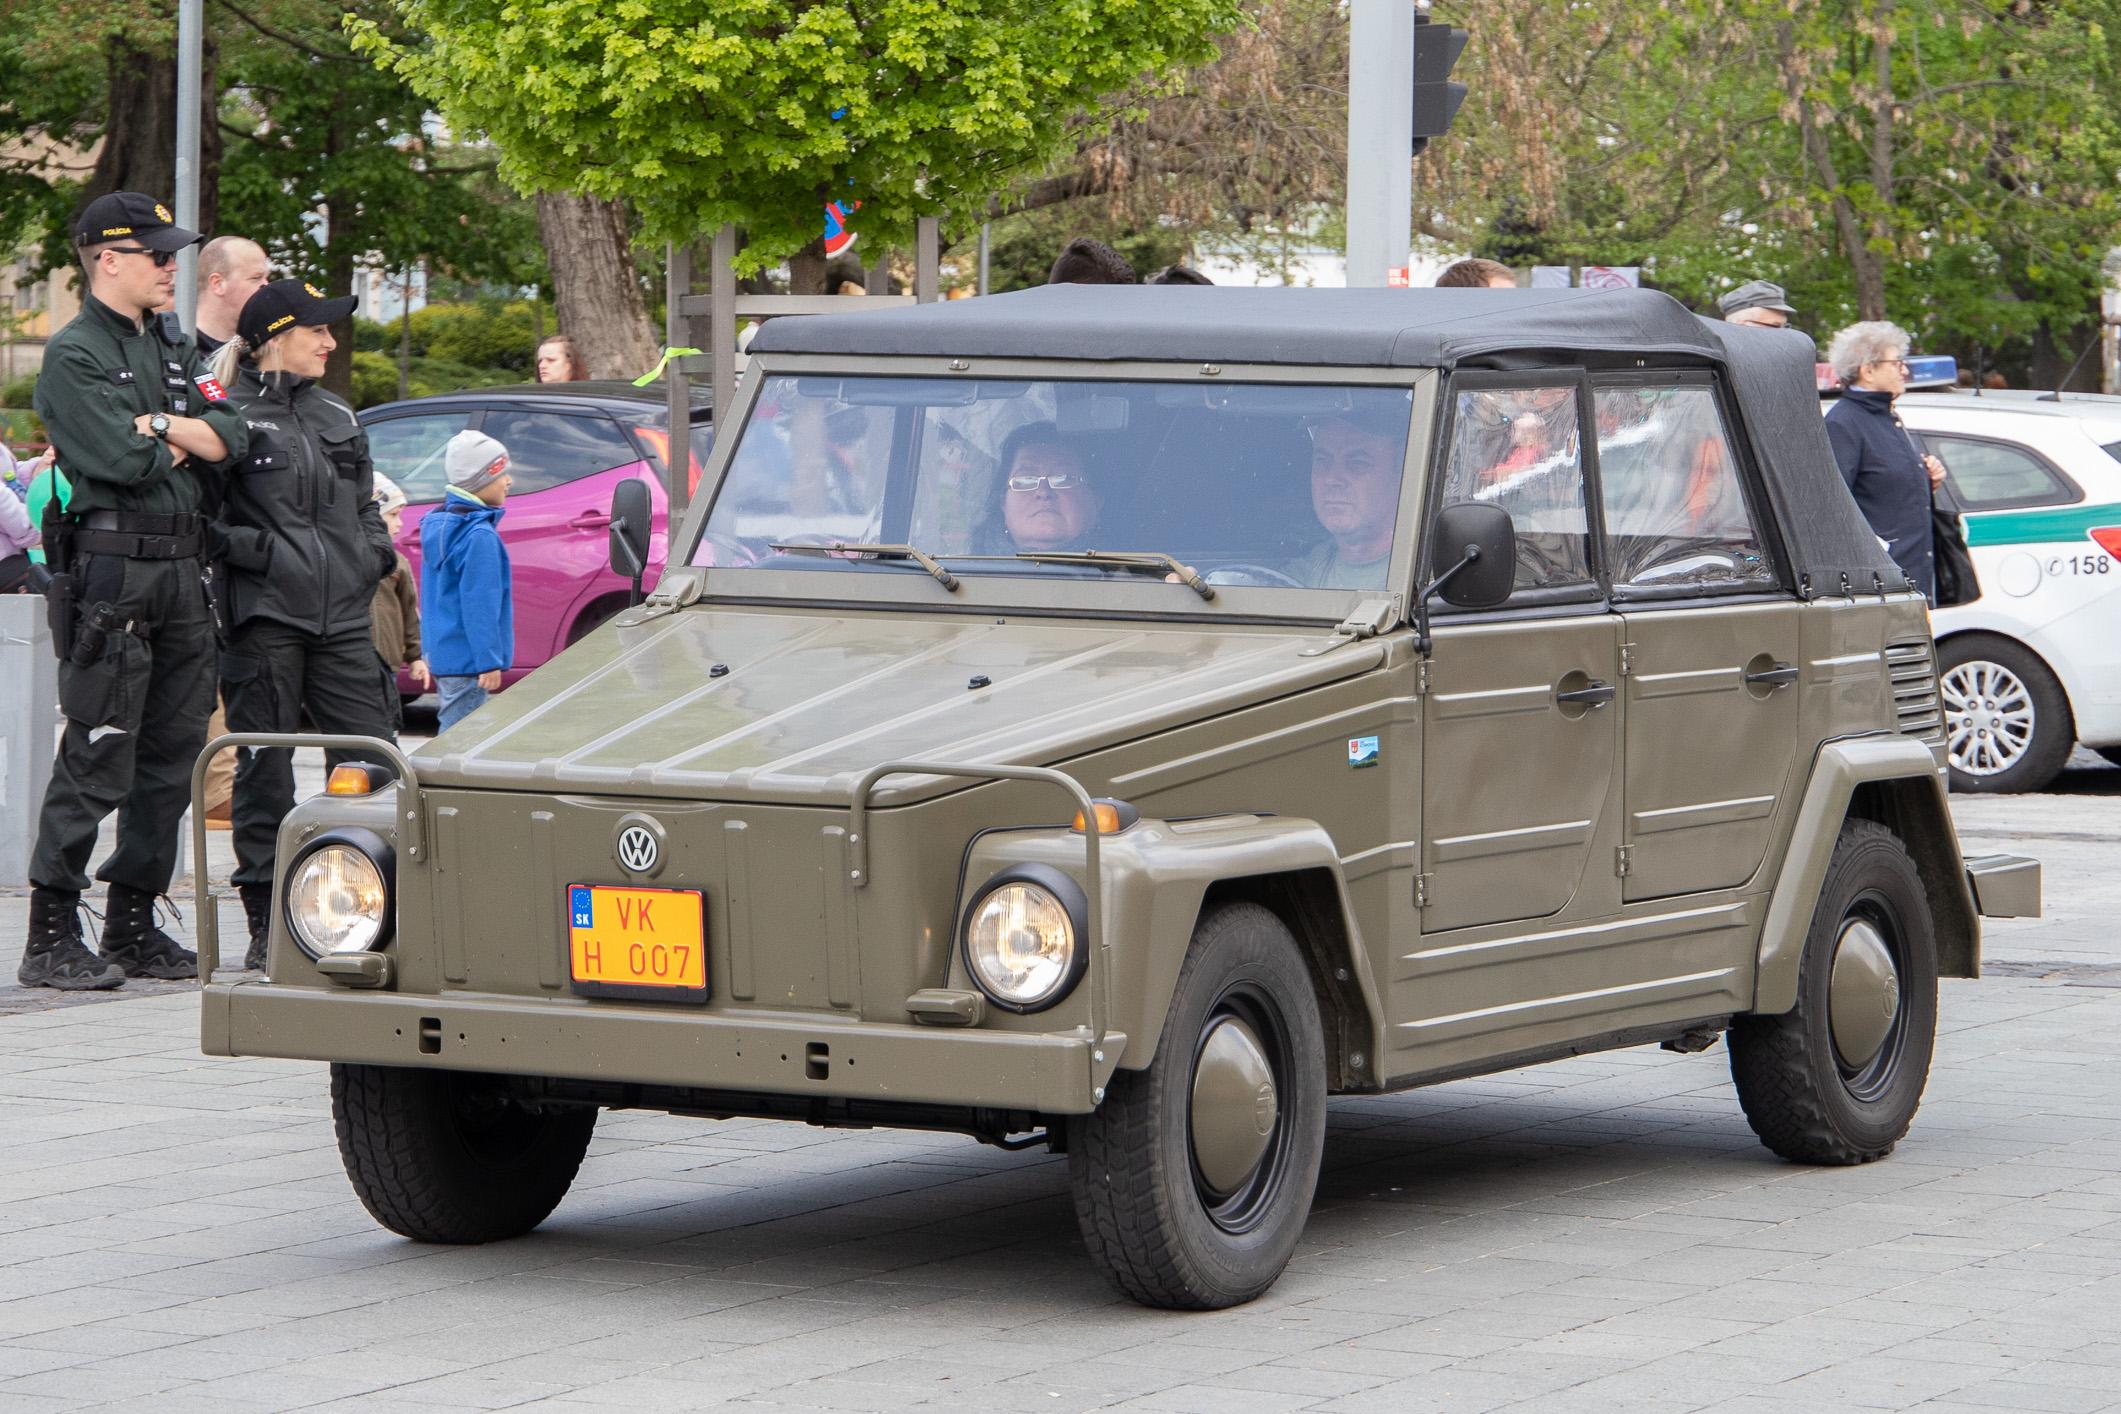 veteran-maj-zv-11